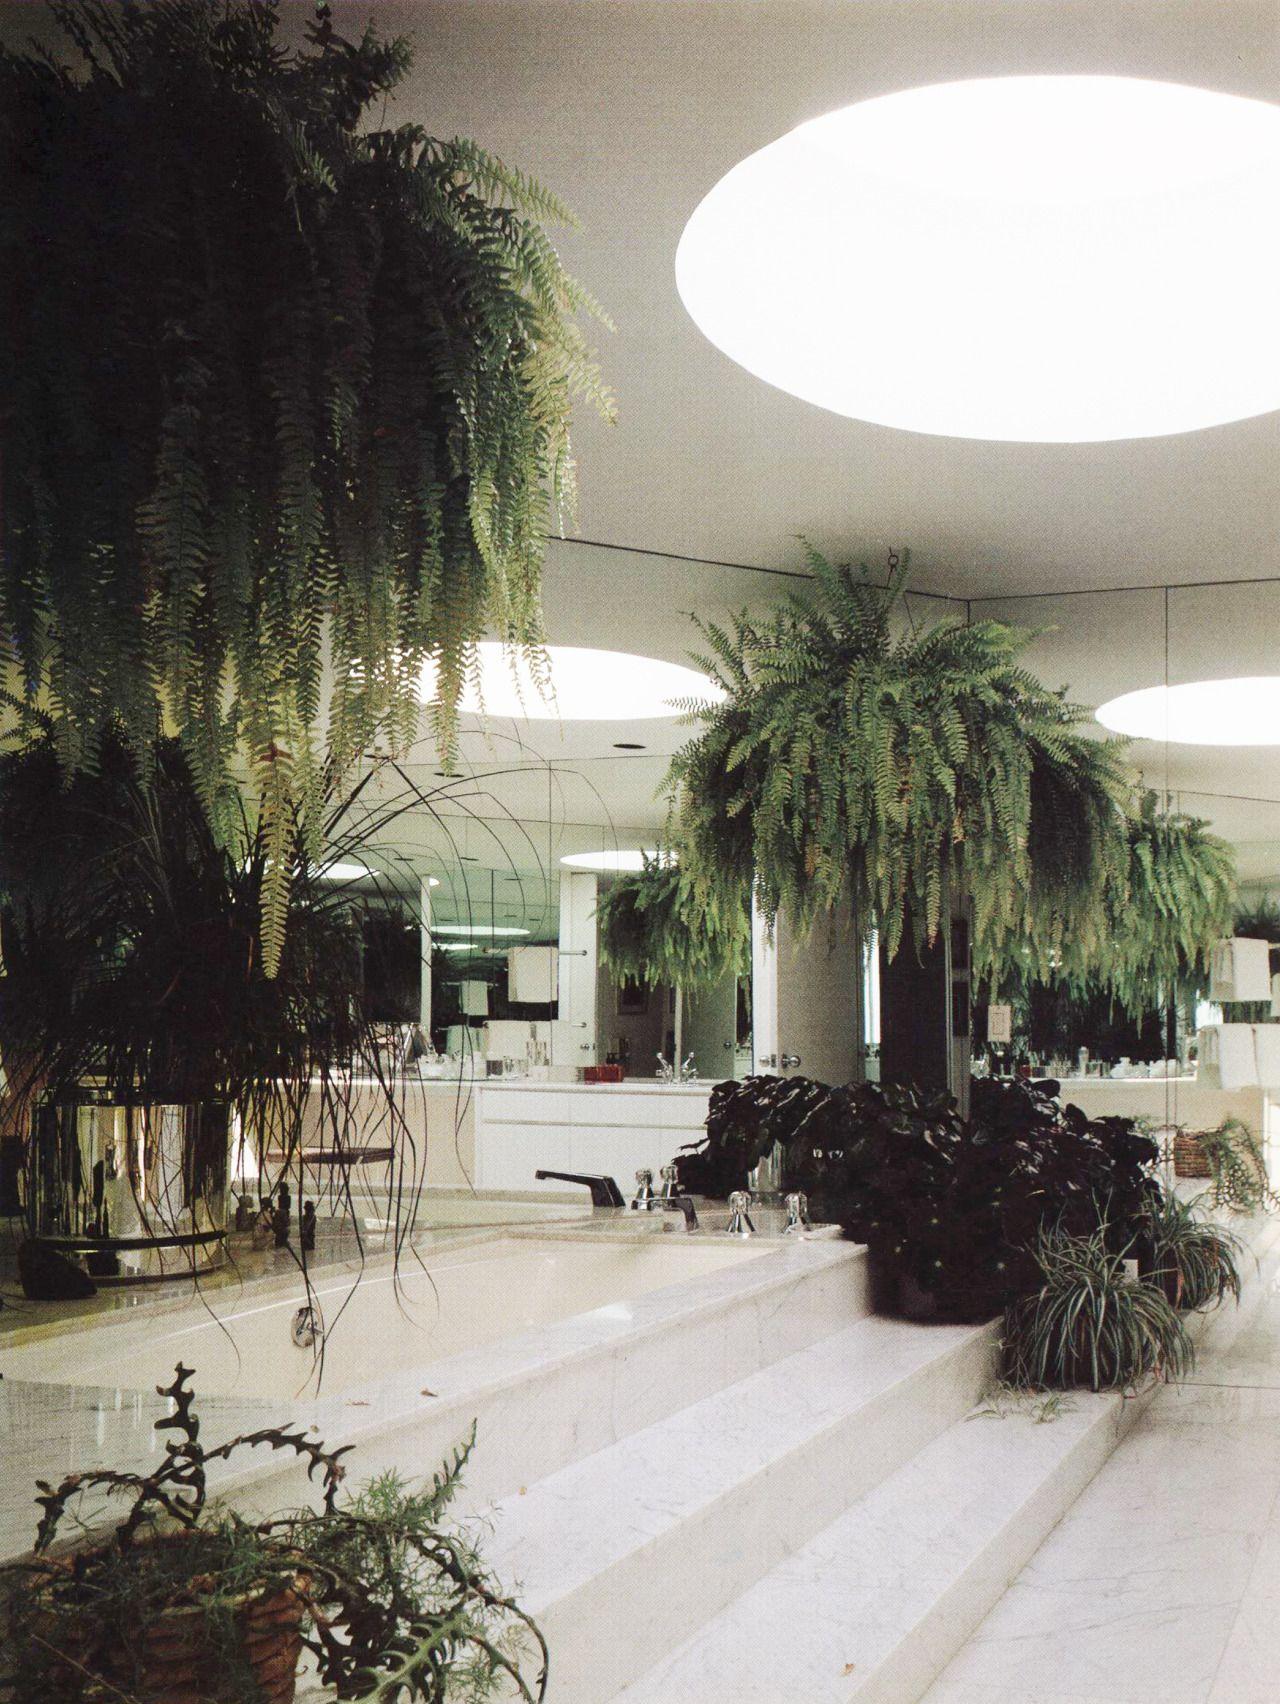 Myron Goldfinger House On Long Island Bathroom New York 1979 1981 Interieur Design House